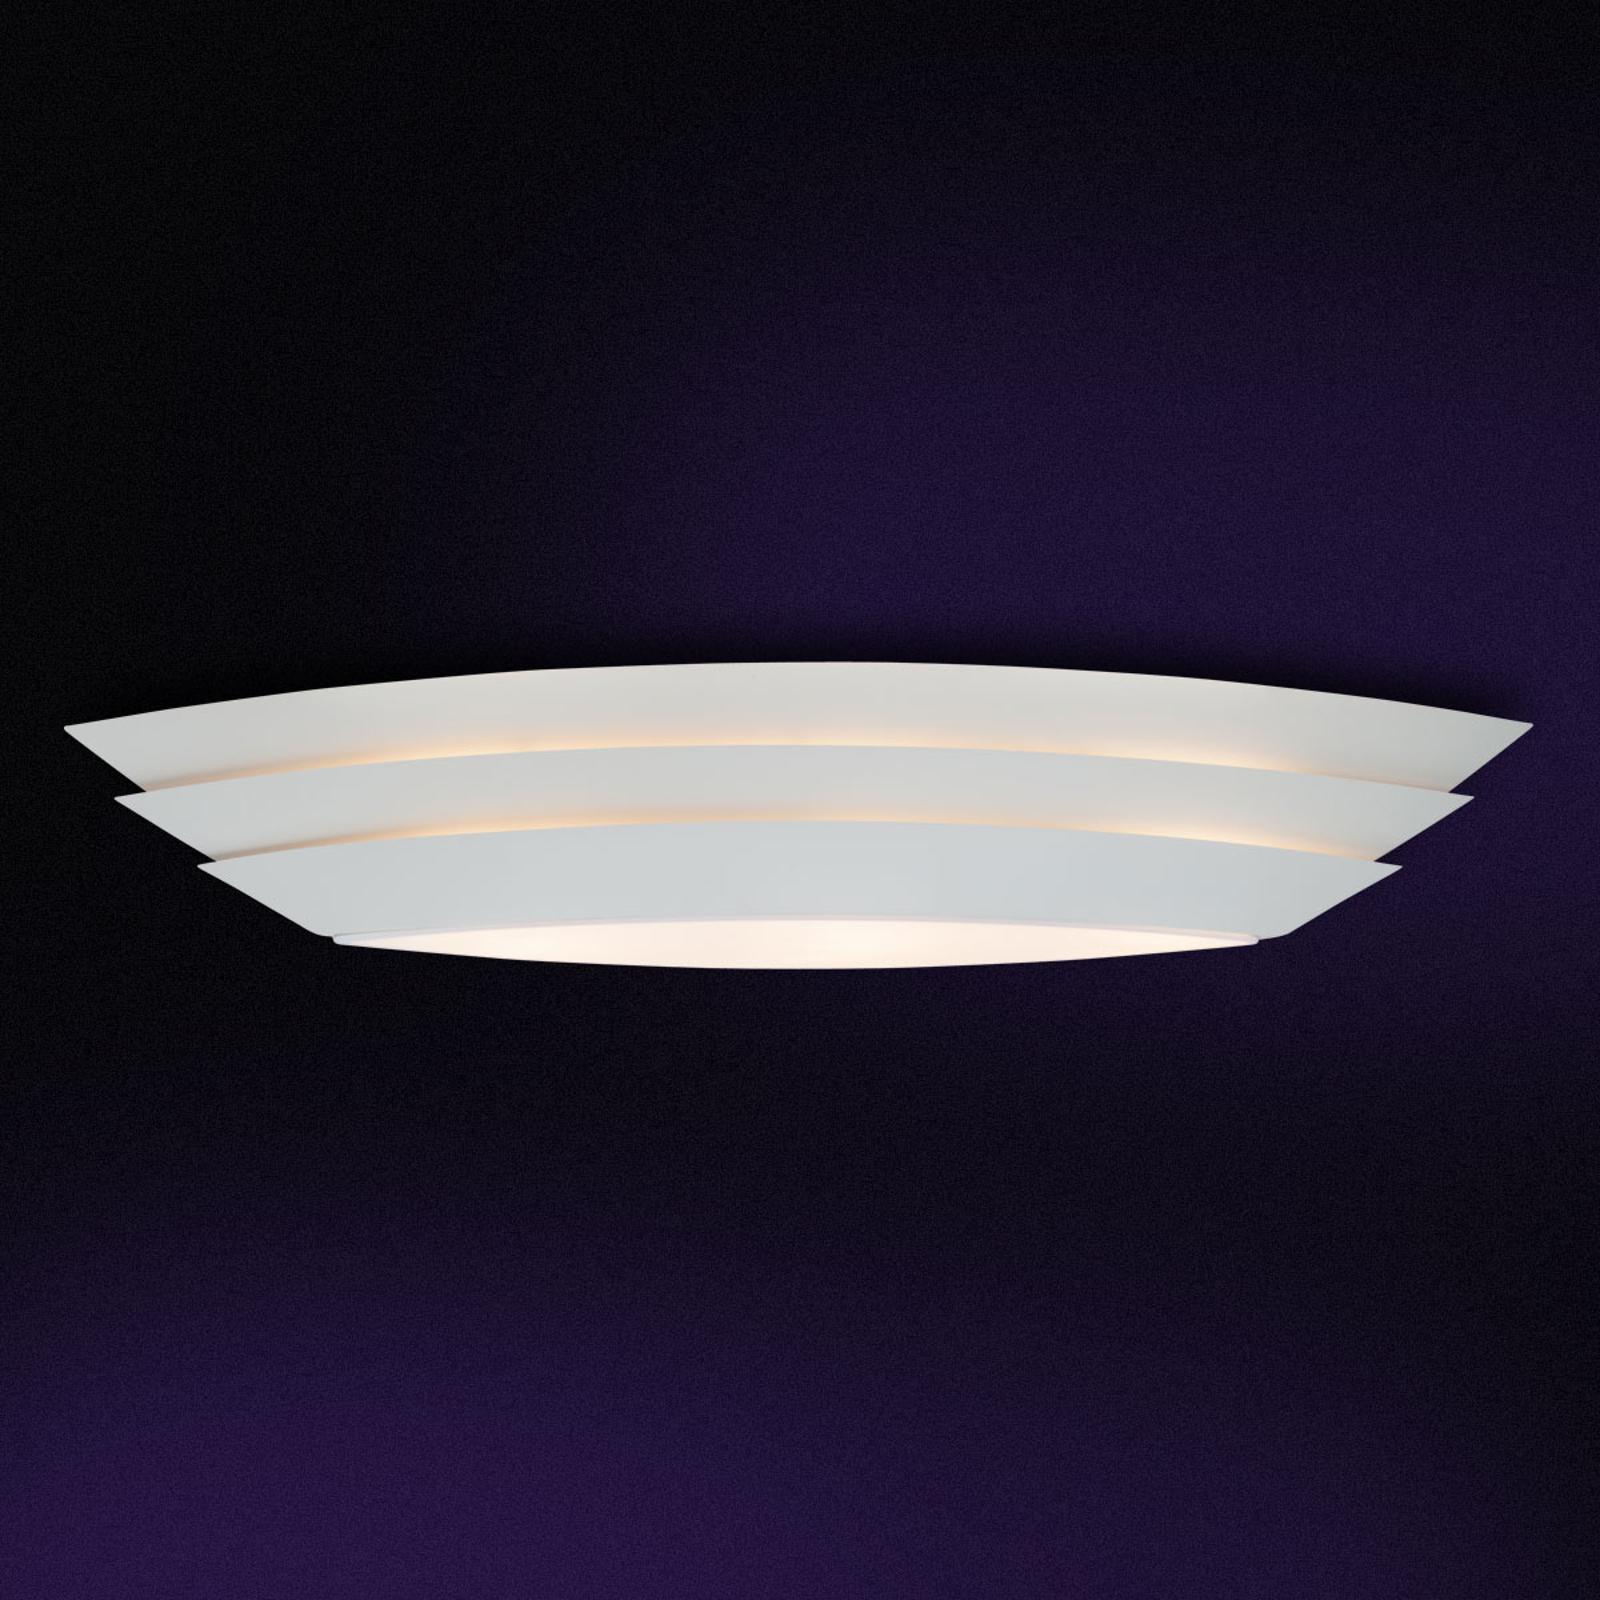 Interessant formgivet loftslampe Ship